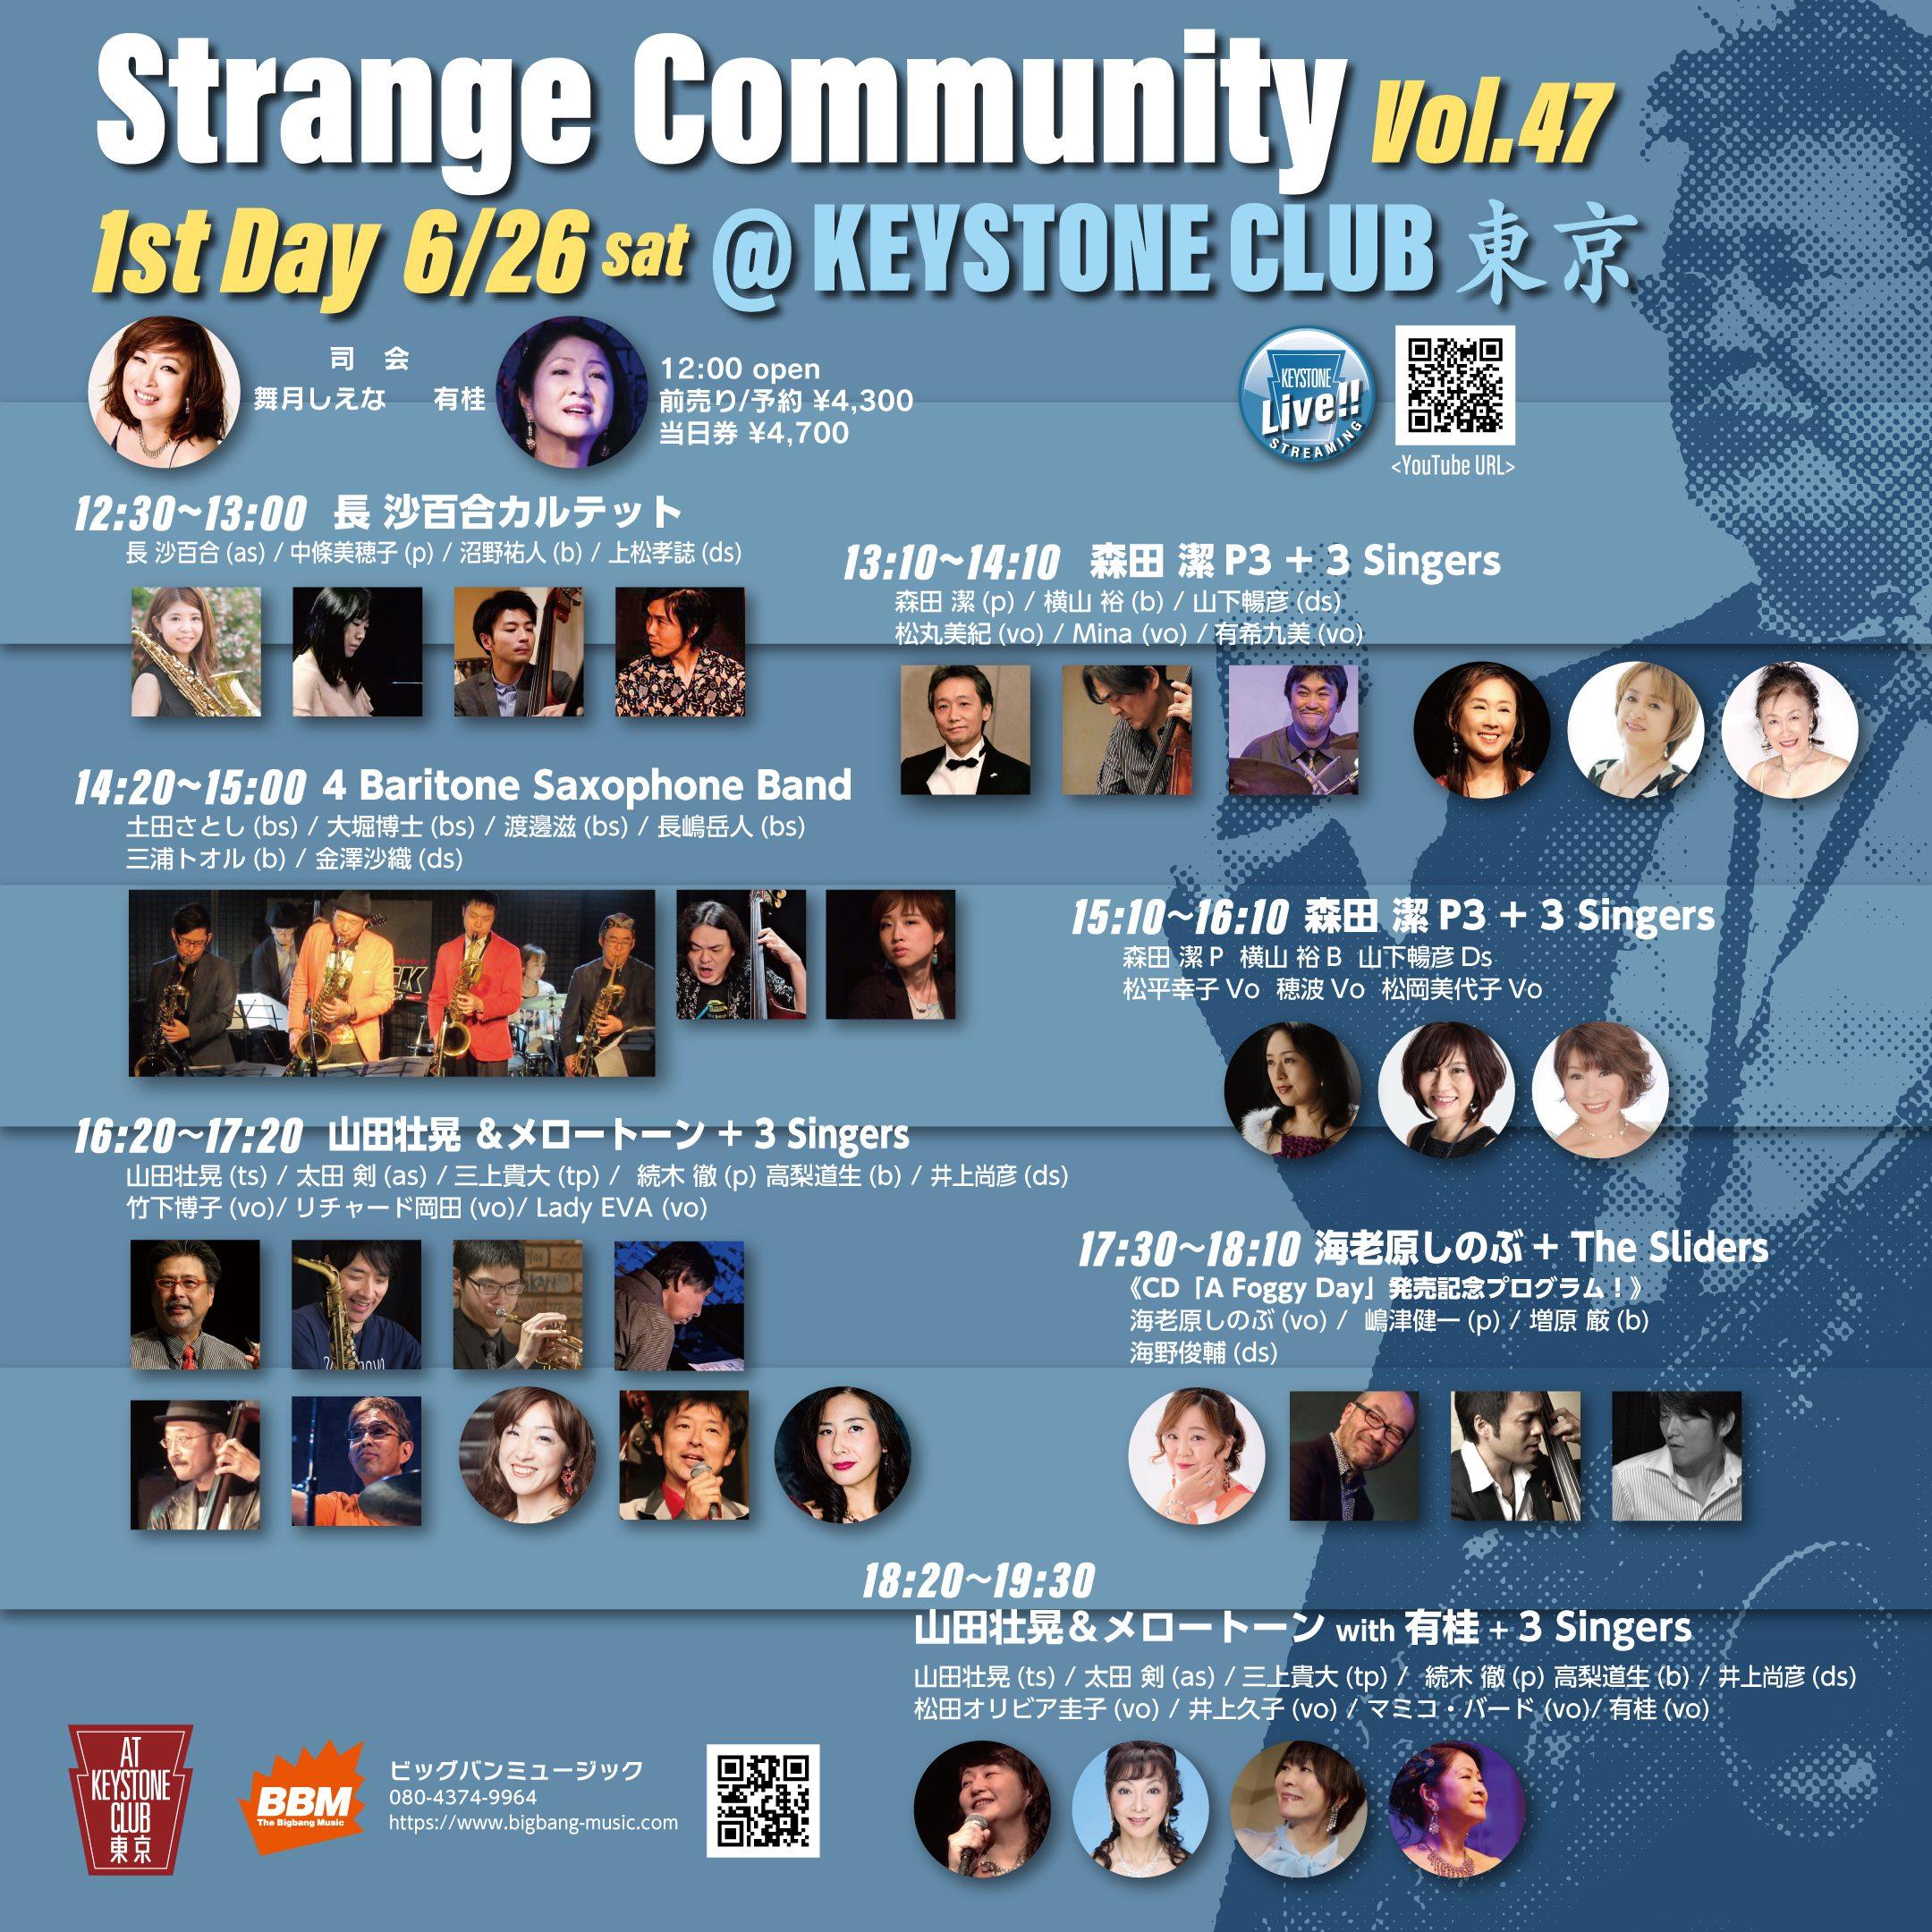 Strange Community Vol.47